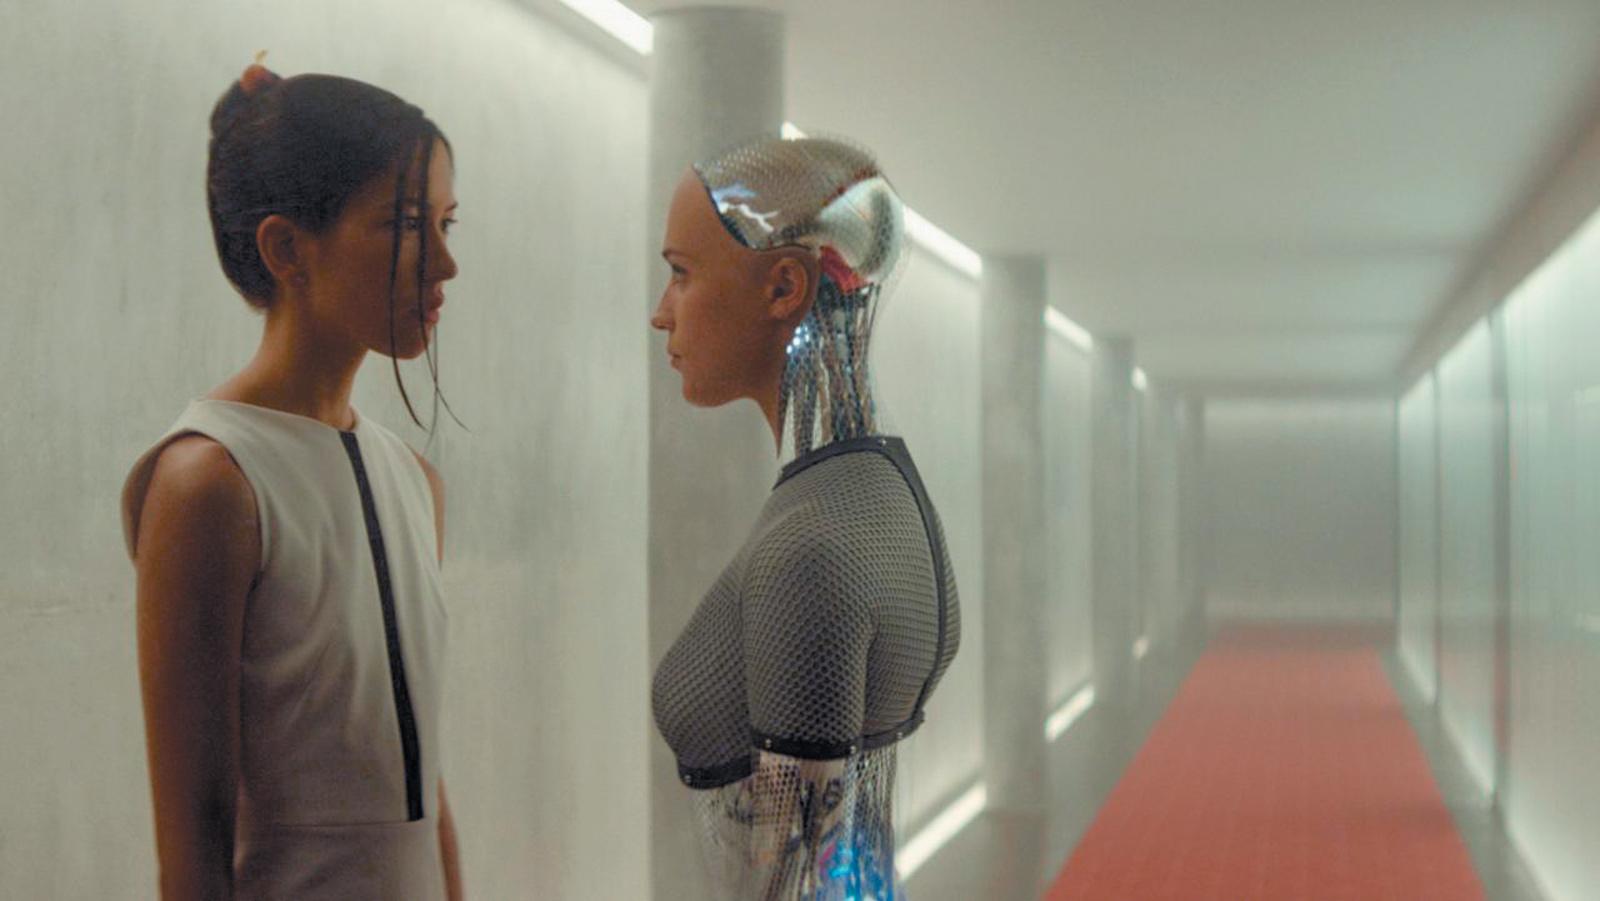 Sonoya Mizuno and Alicia Vikander in Alex Garland's film Ex Machina, 2015